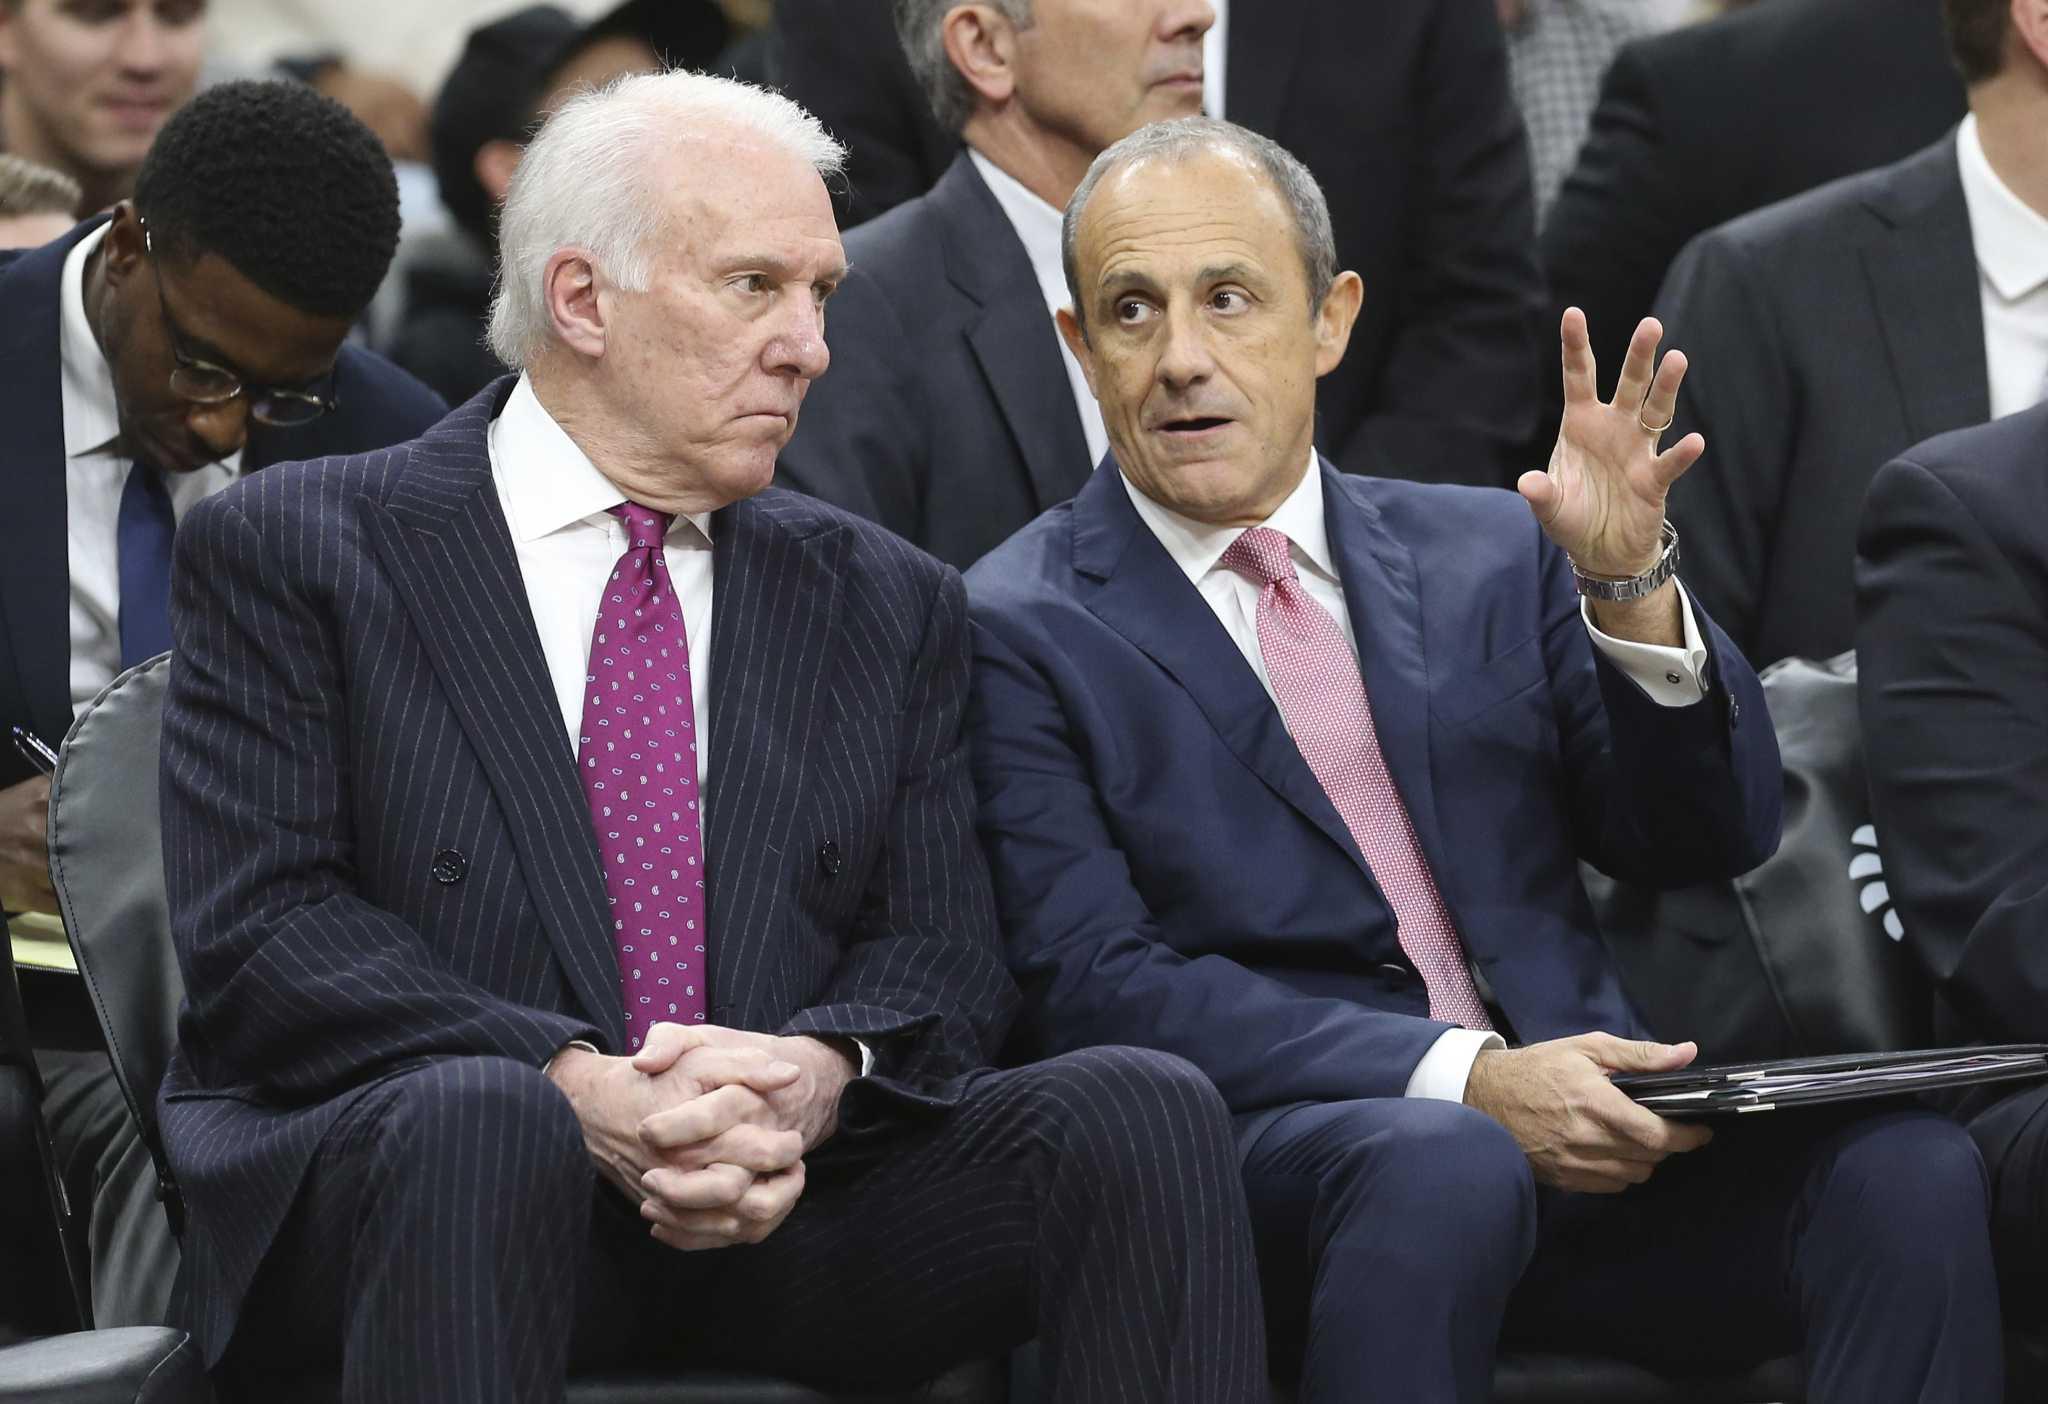 Spurs in no hurry to fill coaching vacancies